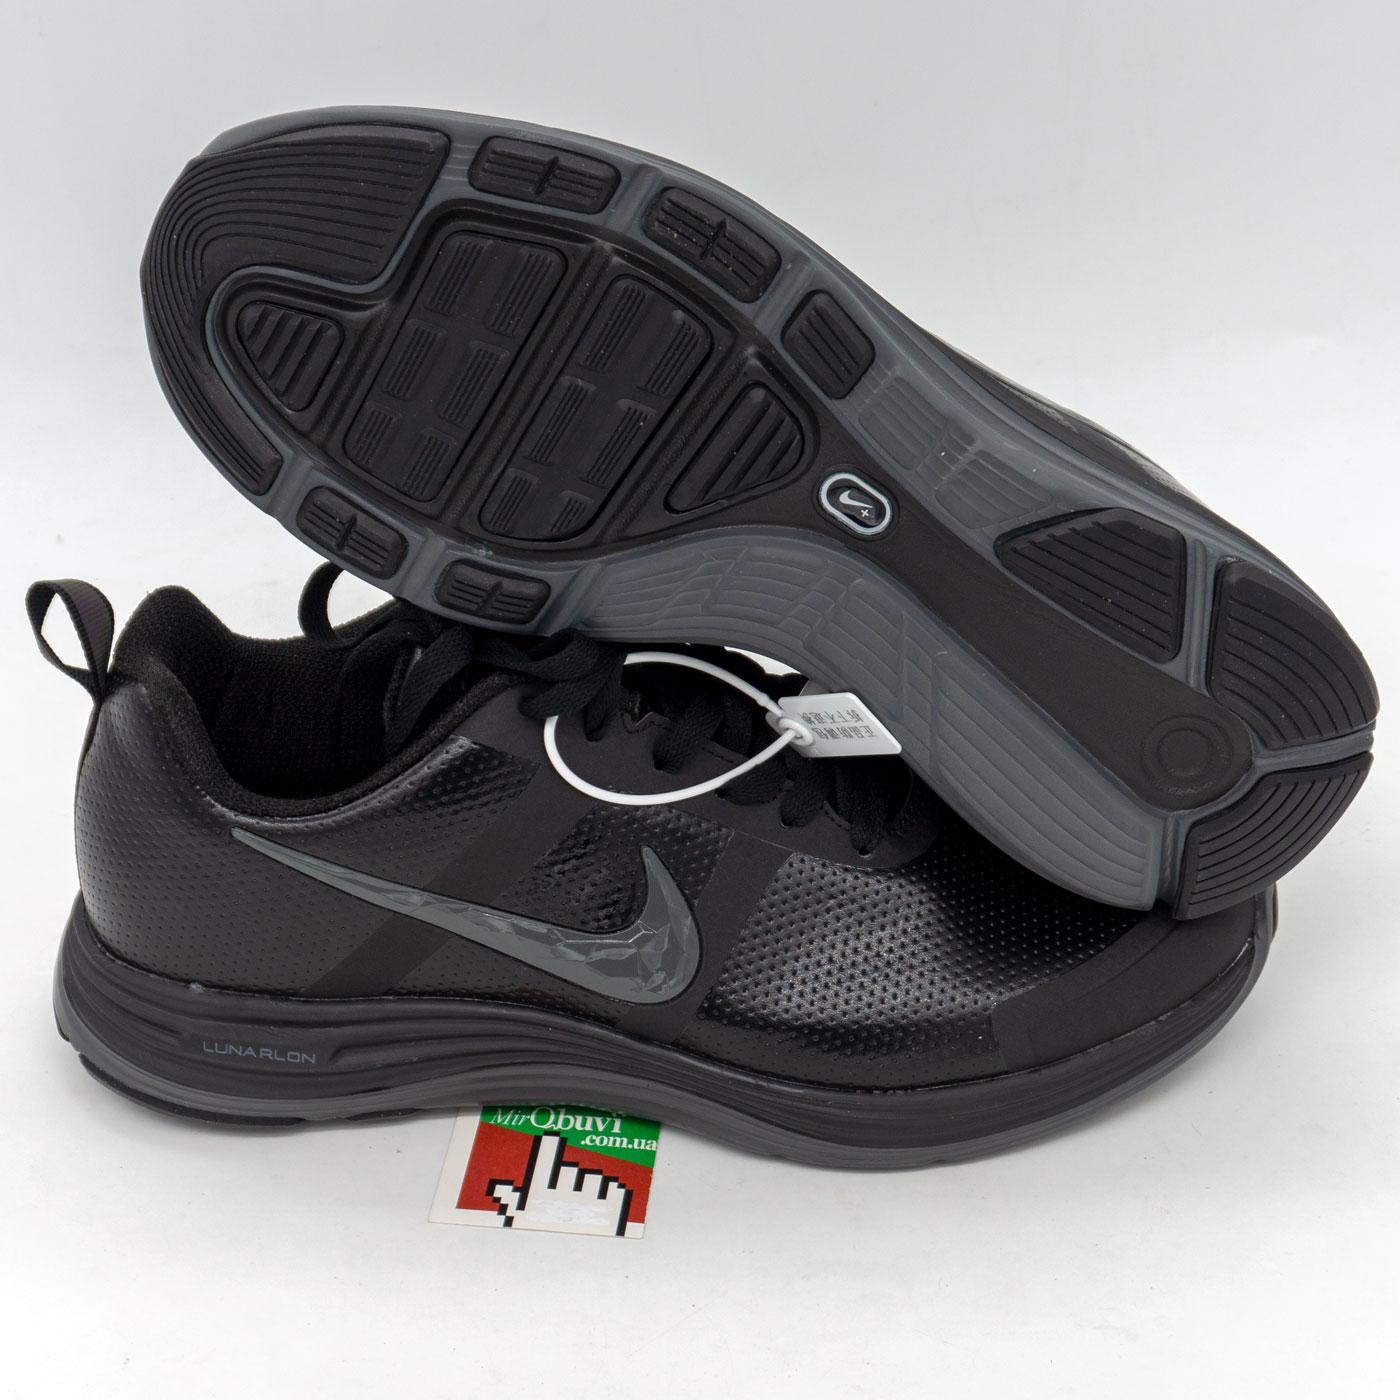 фото bottom Мужские осенние черные кроссовки Nike Air Relentless 26 MSL - Топ качество! bottom